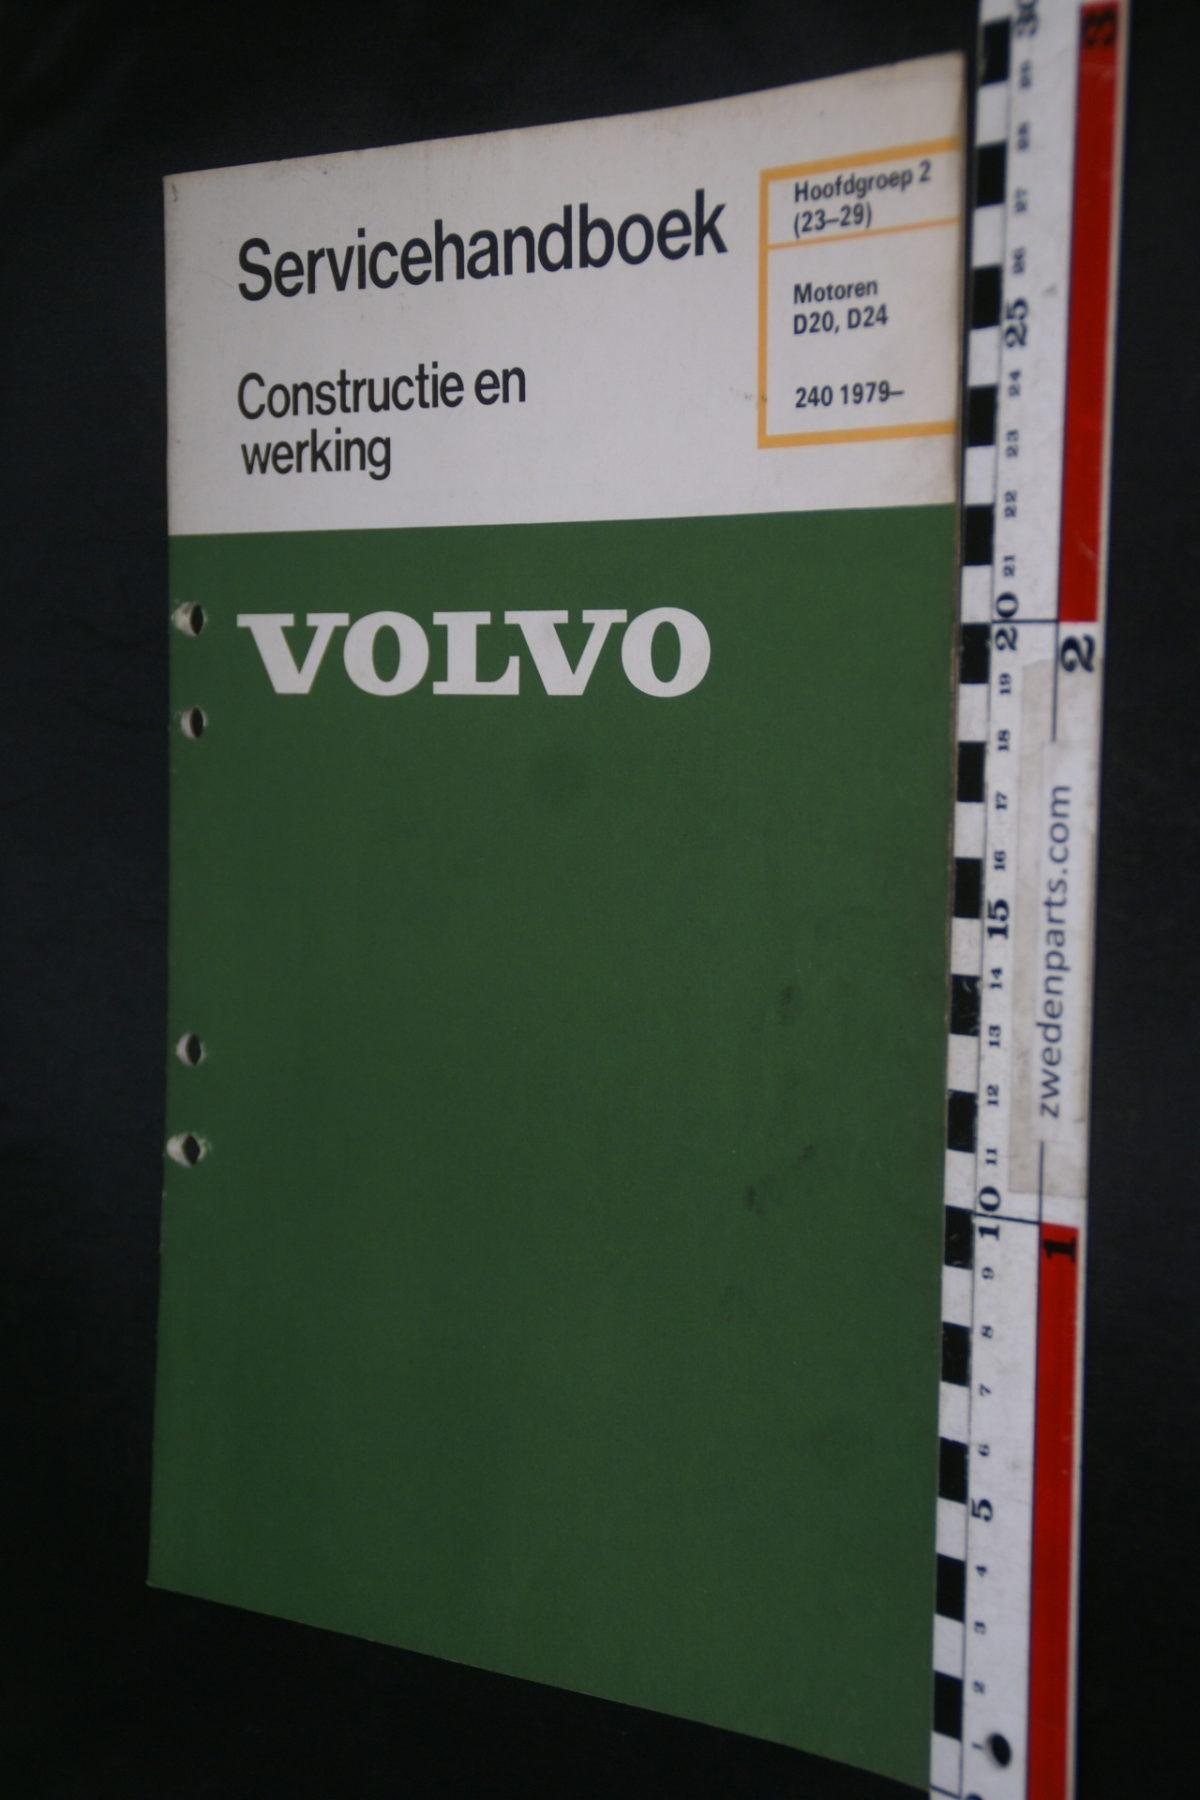 DSC08479 1980 origineel Volvo 240 servicehandboek  2 (23-29) motor D20, D24 1 van 800 TP 30150-1